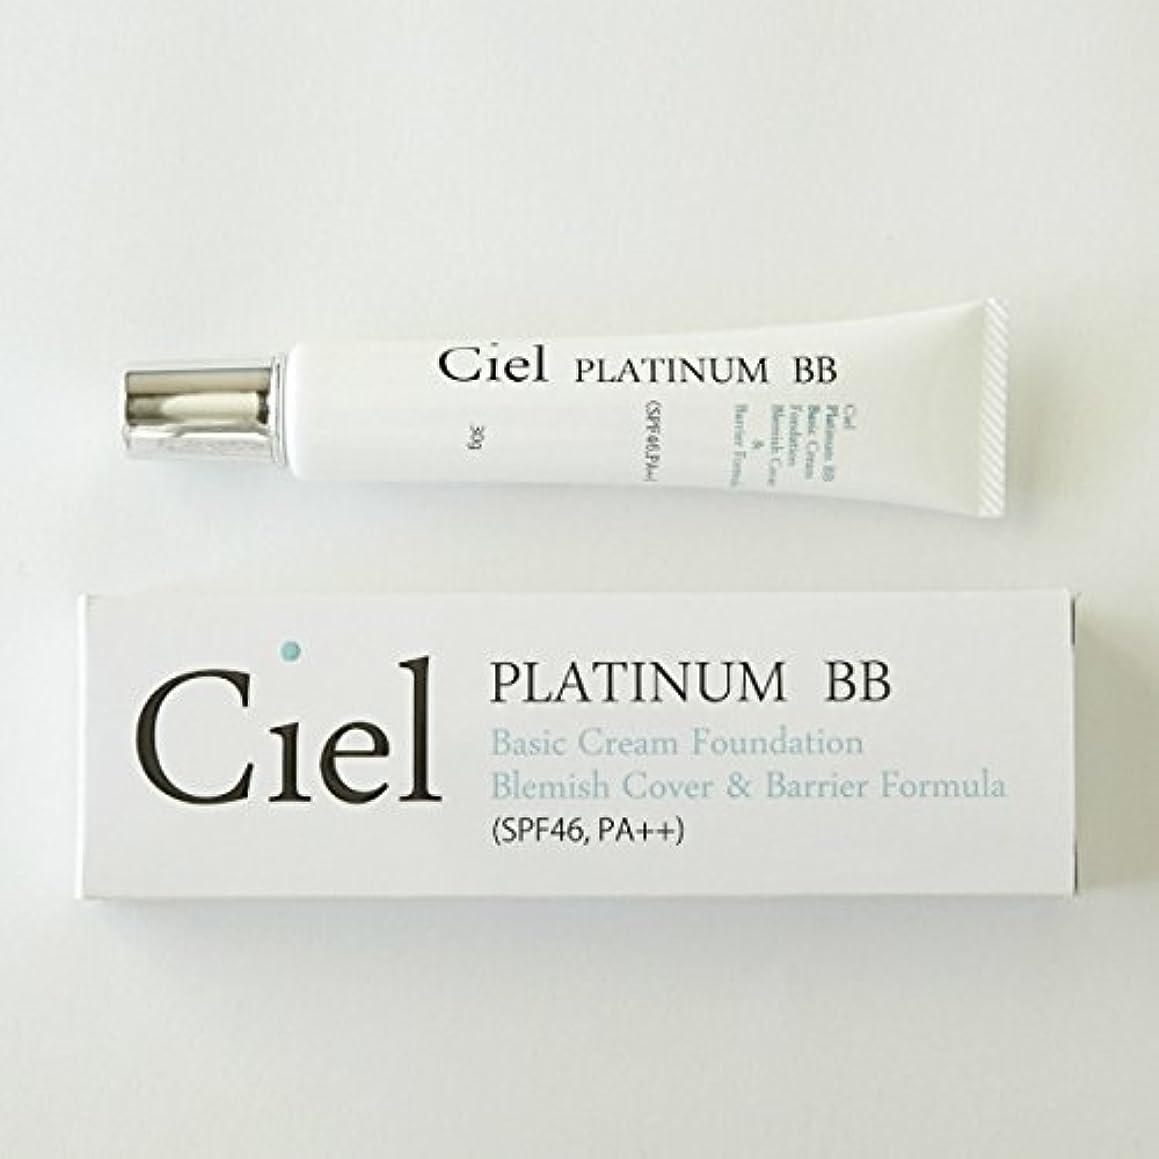 スーパーマーケット学習検出可能Ciel Salon de Beaute Ciel PLATINUM BB SPF46 BBクリーム ファンデーション 日本製 日焼け止め